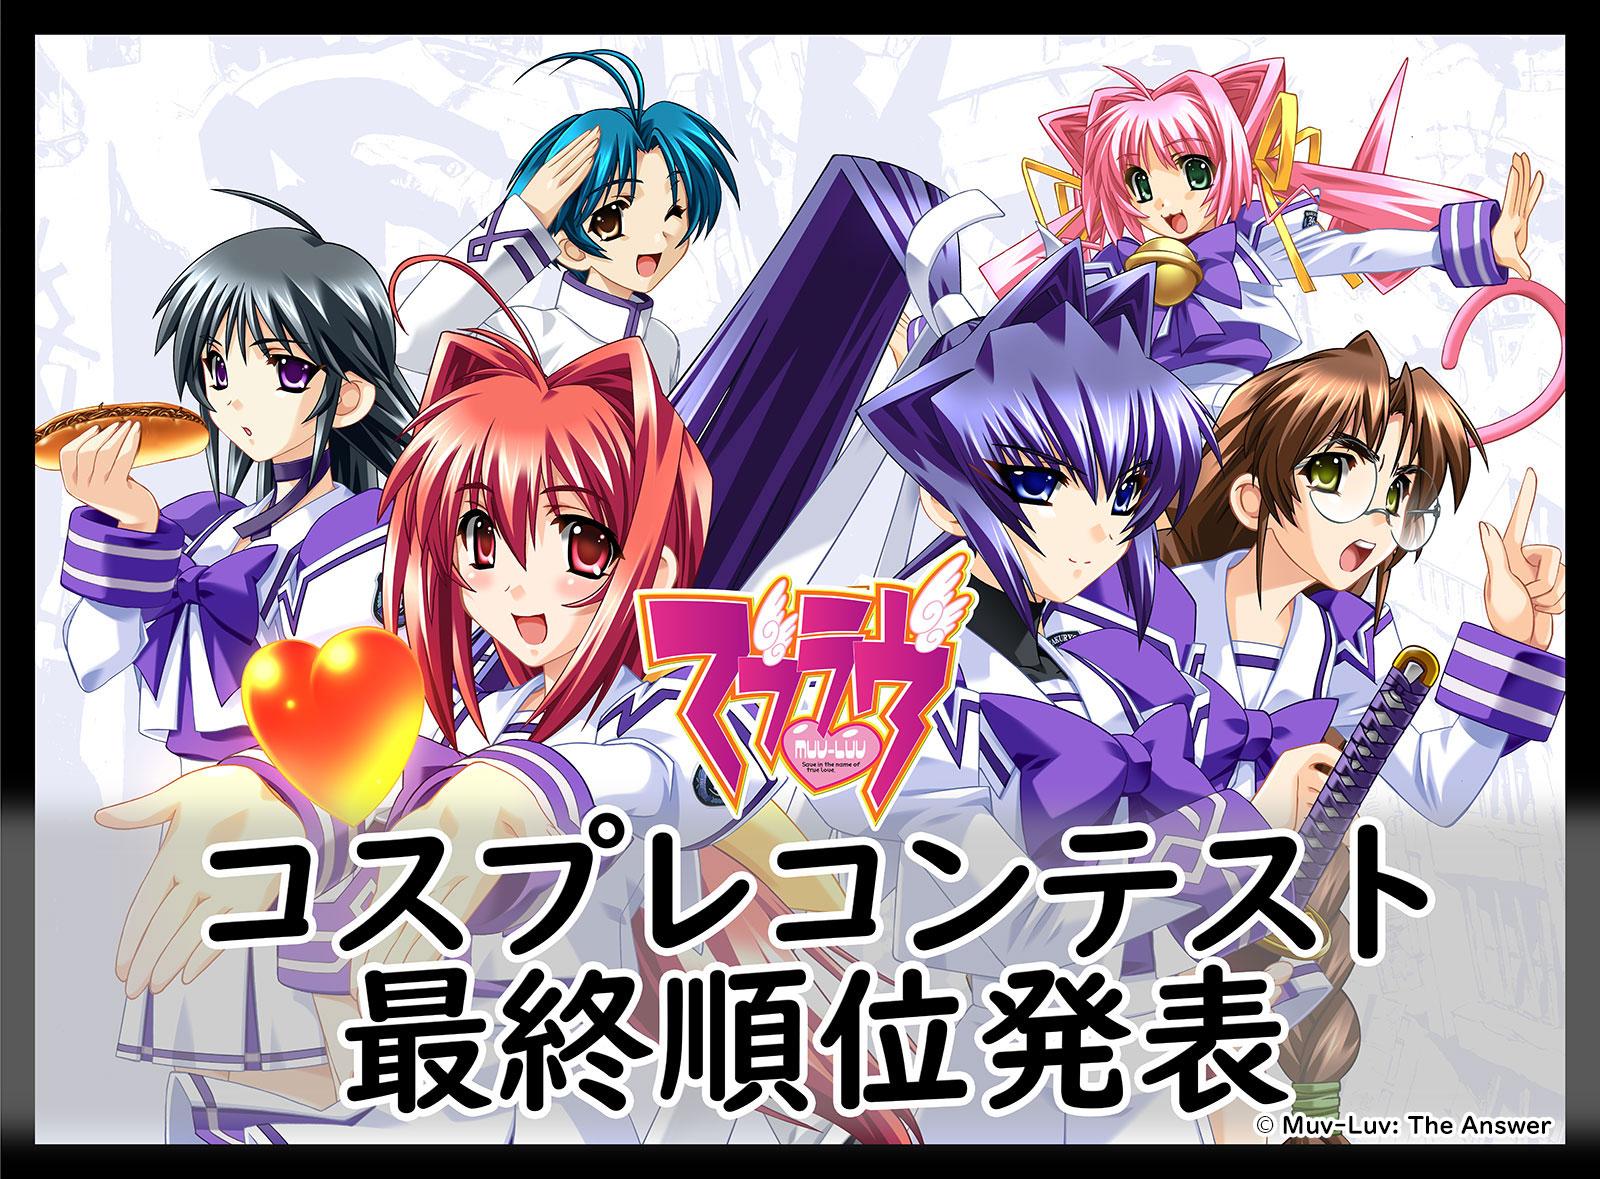 (日本語) 『マブラヴ』コスプレコンテスト最終順位発表